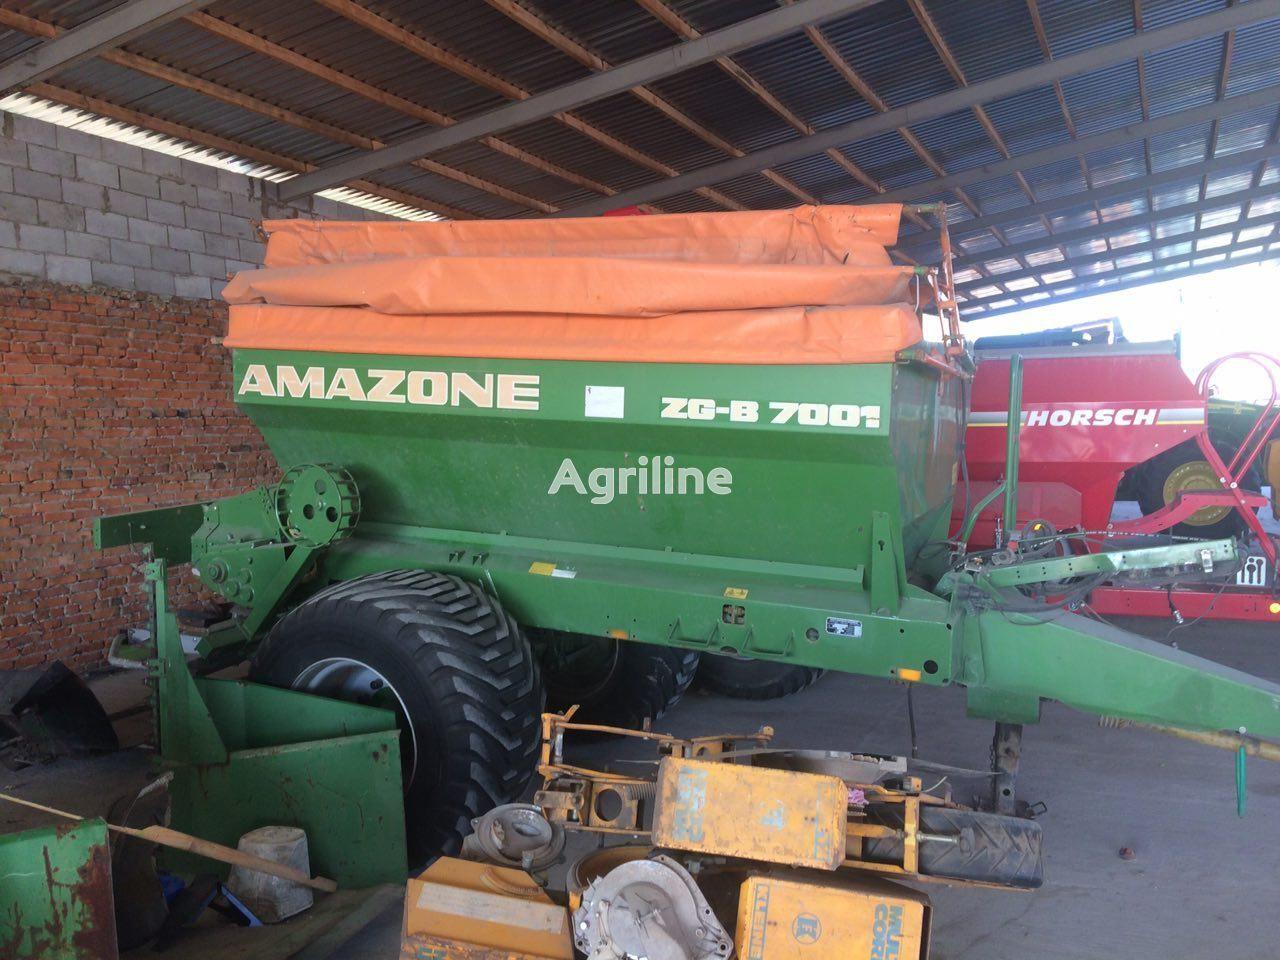 AMAZONE ZG-B 7001 rasipač đubriva